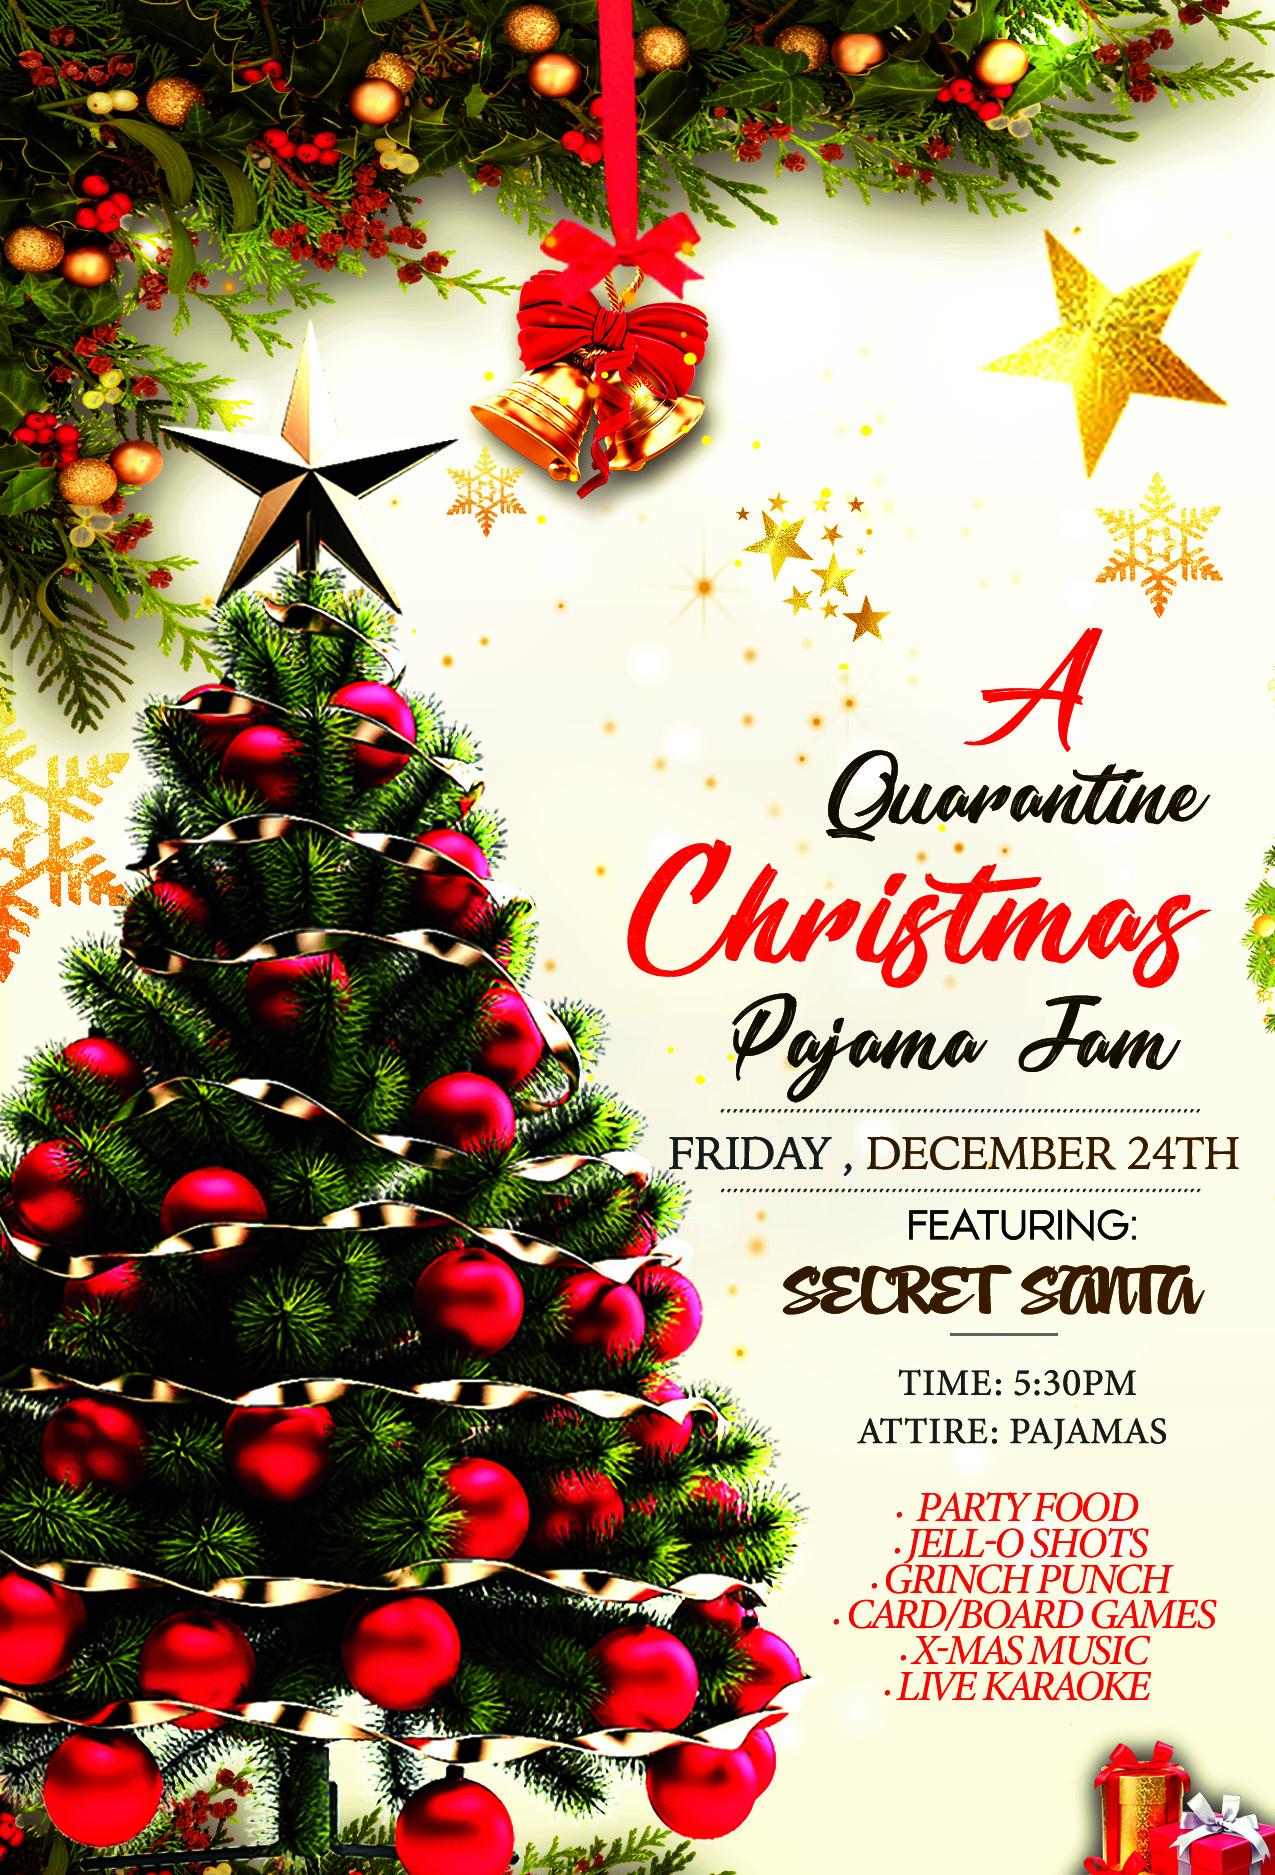 A Quarantine Christmas